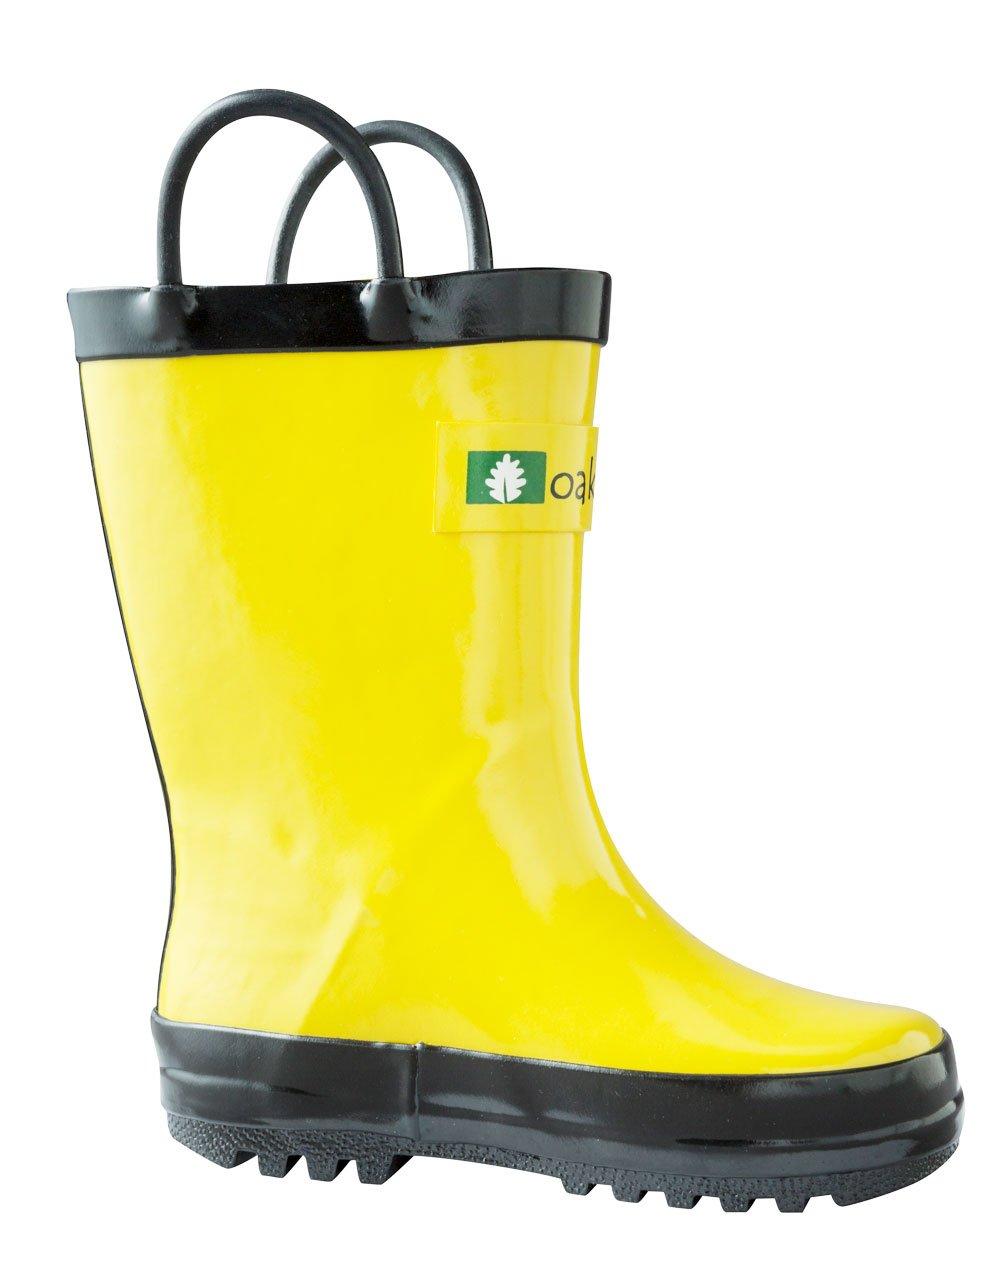 OAKI Kids Waterproof Rain Boots Easy-On